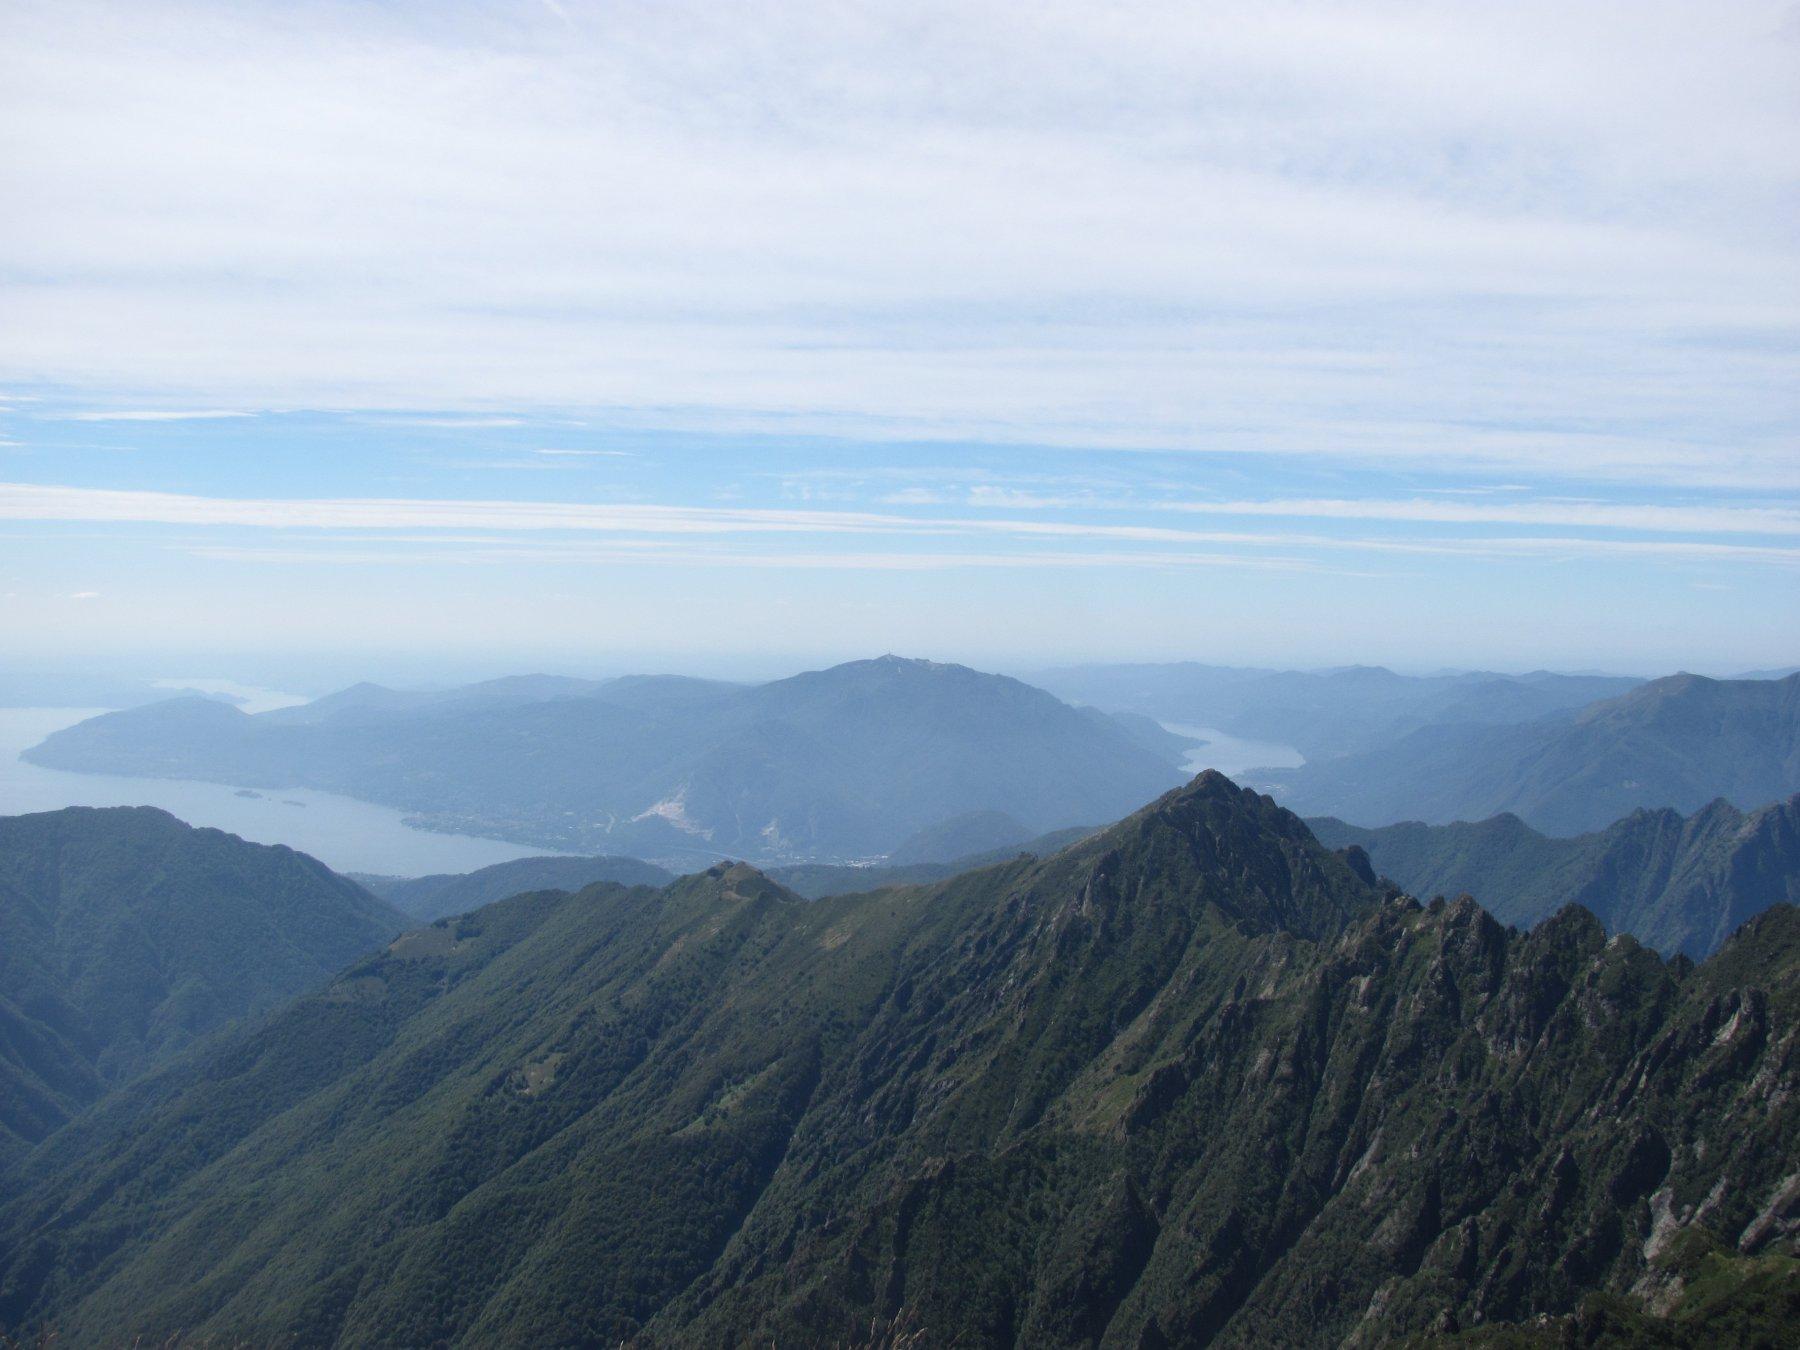 dalla Cima: monti della val Grande, Lago Maggiore e lago d'Orta